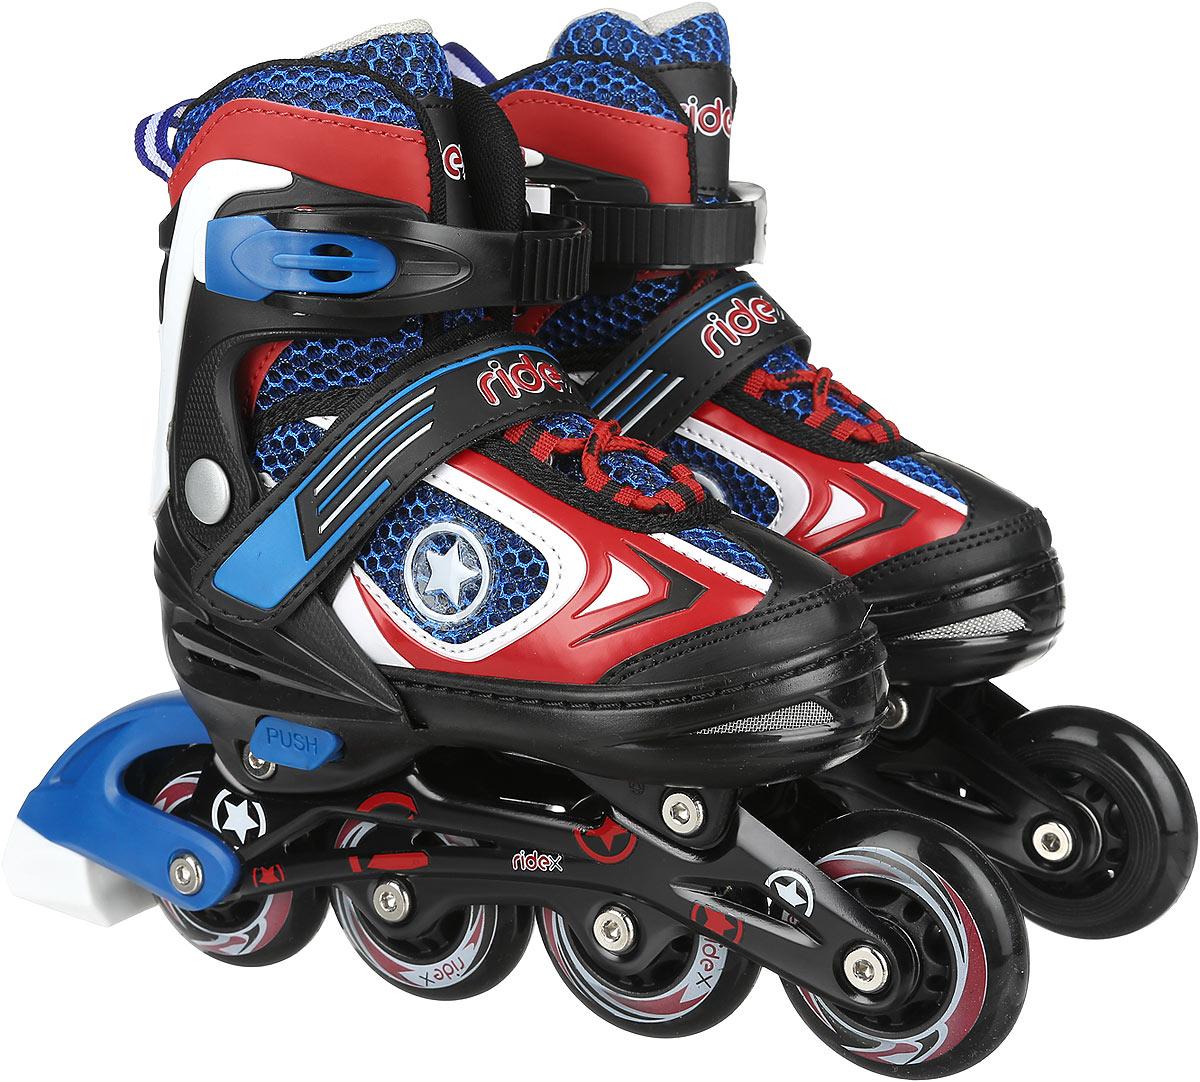 Коньки роликовые Ridex Defender, раздвижные, цвет: черный, синий, красный, белый. УТ-00008107. Размер 30/33